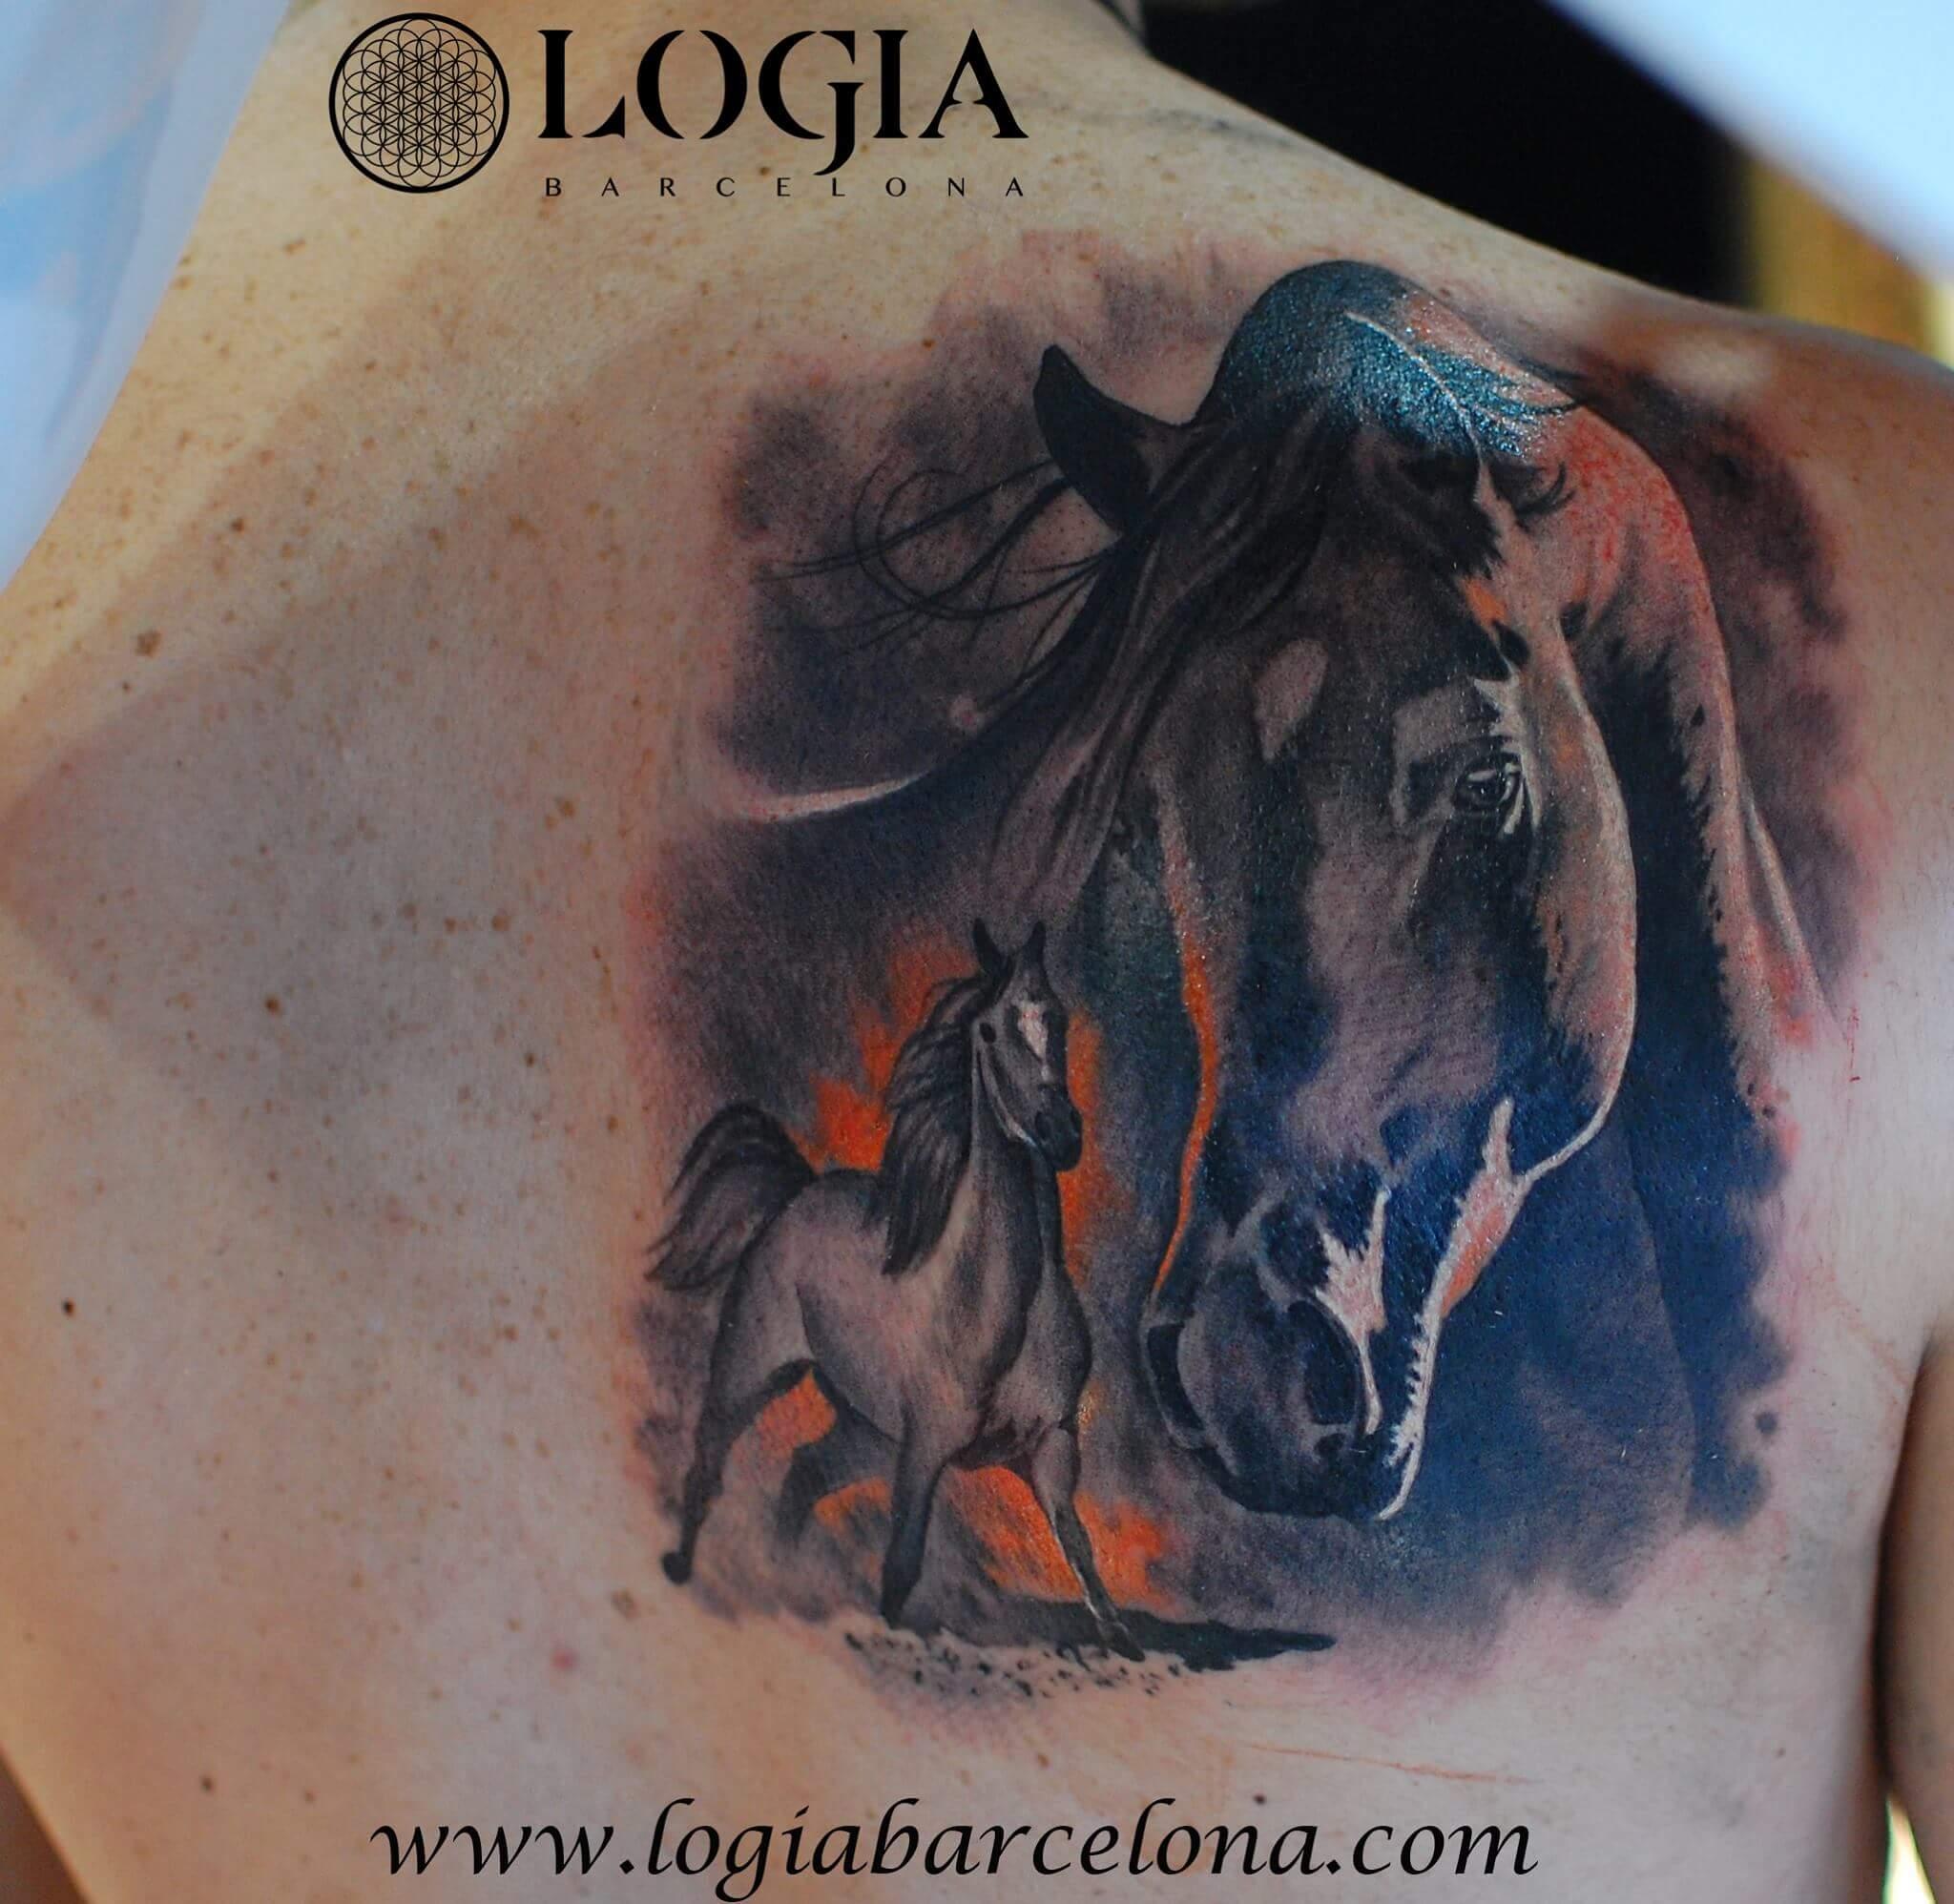 Tatuajes De Caballos Tatuajes Logia Barcelona